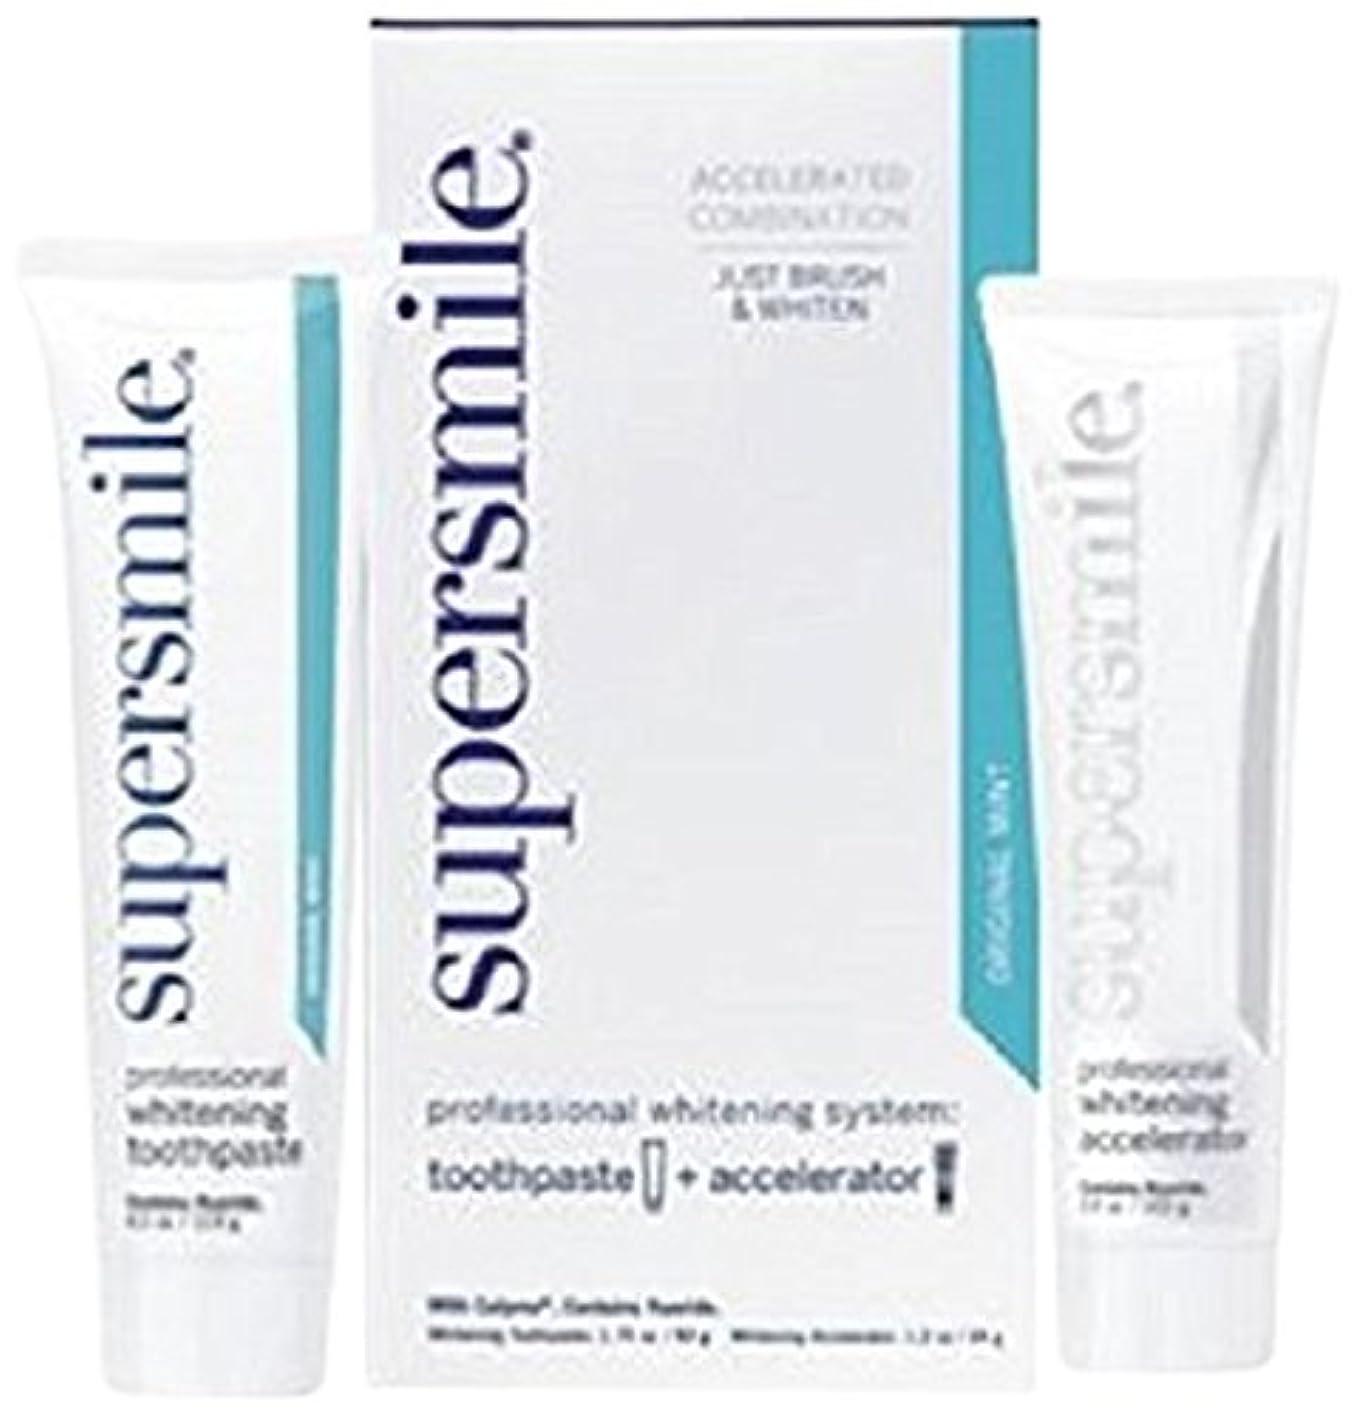 描写農業のハッピーSupersmile Professional Whitening System: Toothpaste 50g/1.75oz + Accelerator 34g/1.2oz - 2pcs by SuperSmile